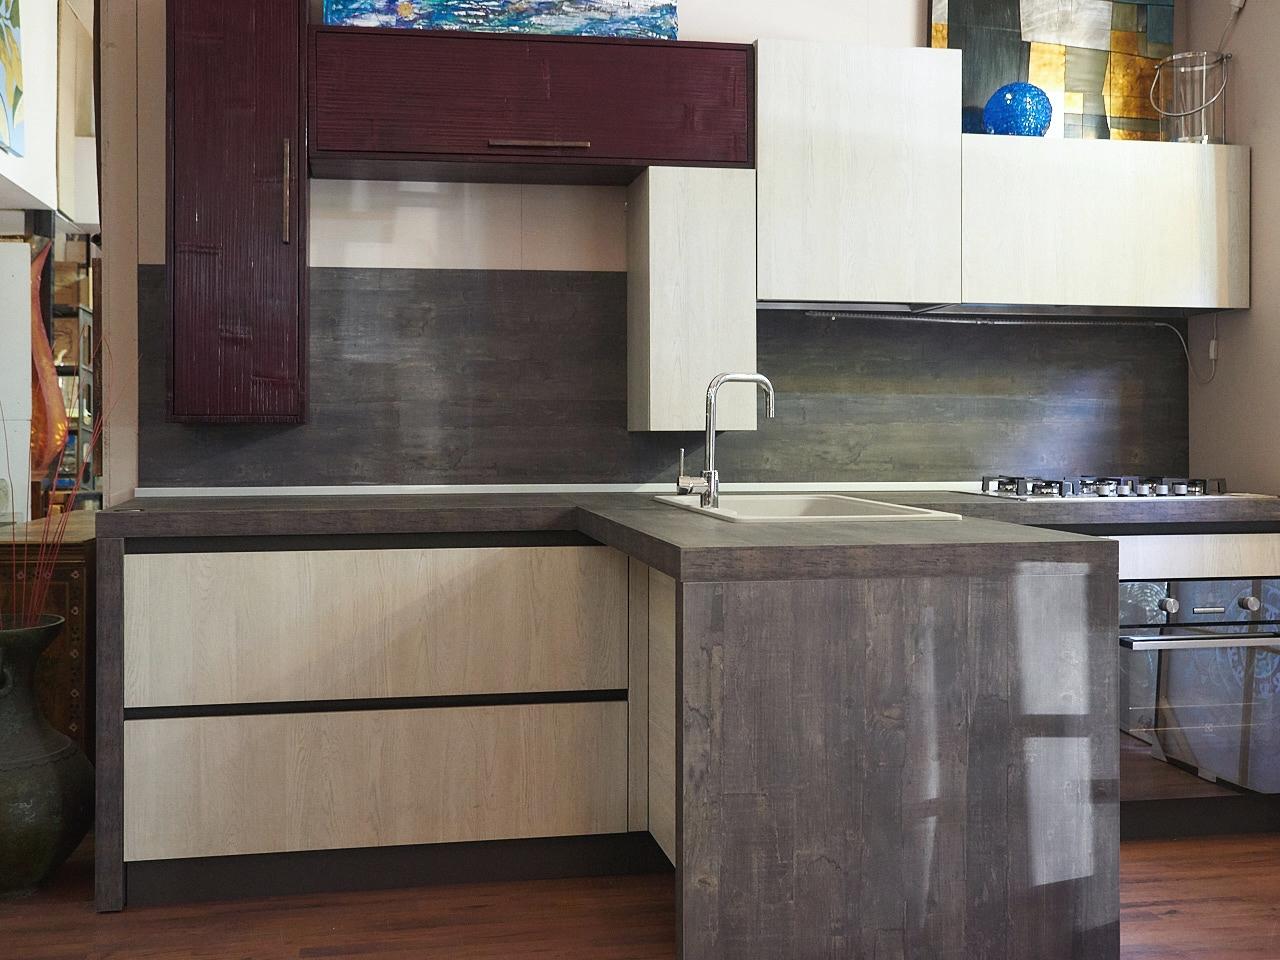 Cucina moderna essenza white e red bambu in offerta outlet - Cucina in offerta ...